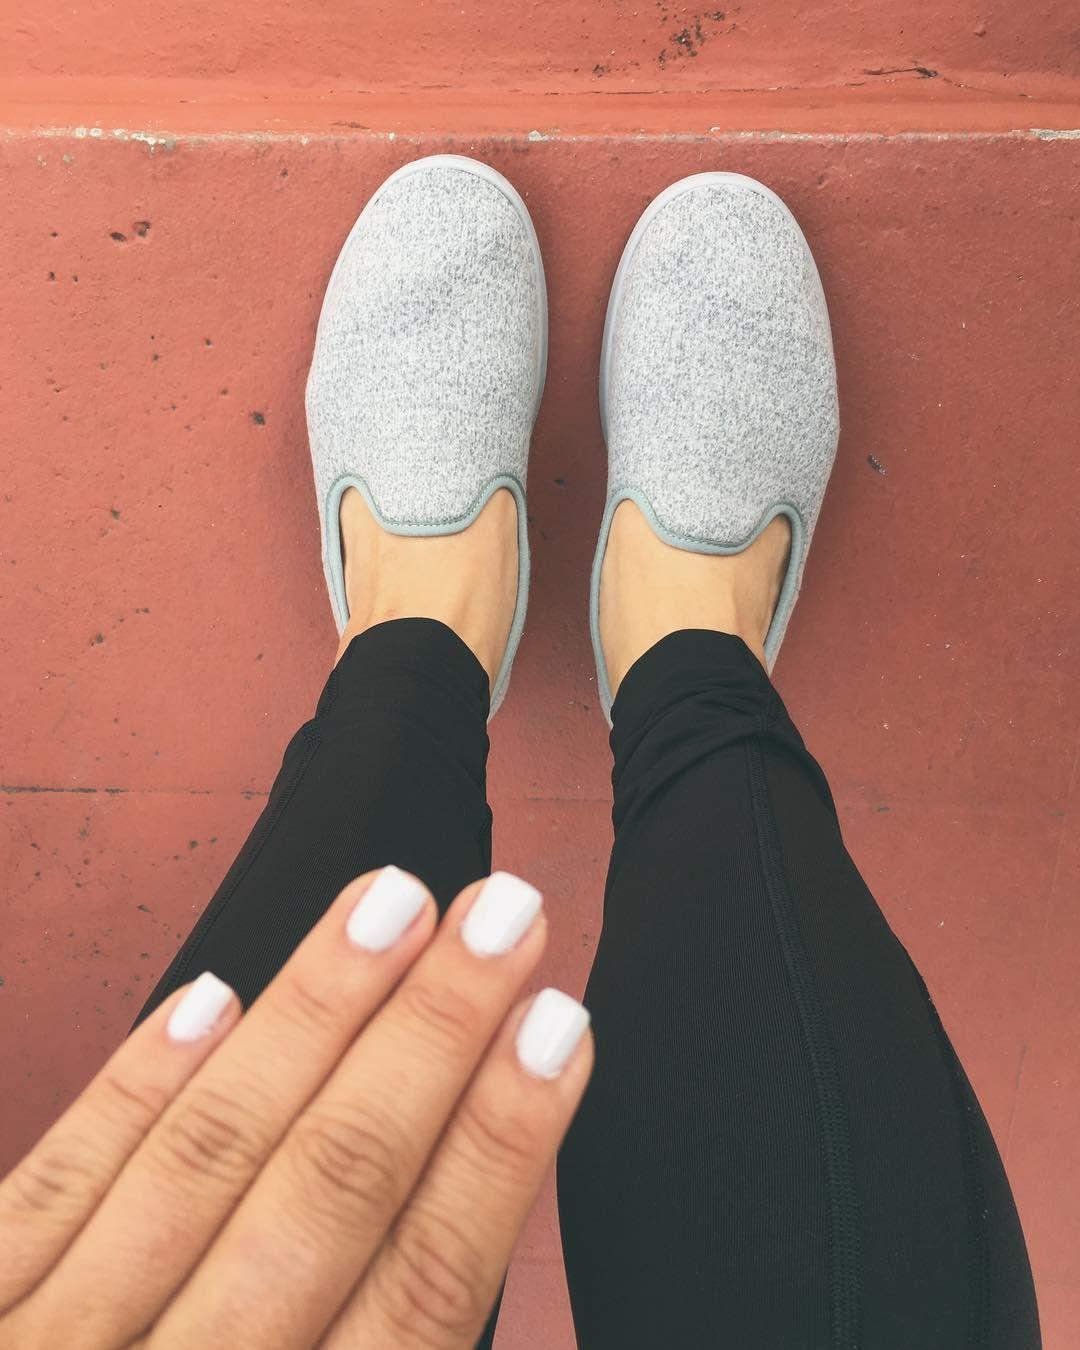 Allbirds shoes review popsugar fashion comfort shoes